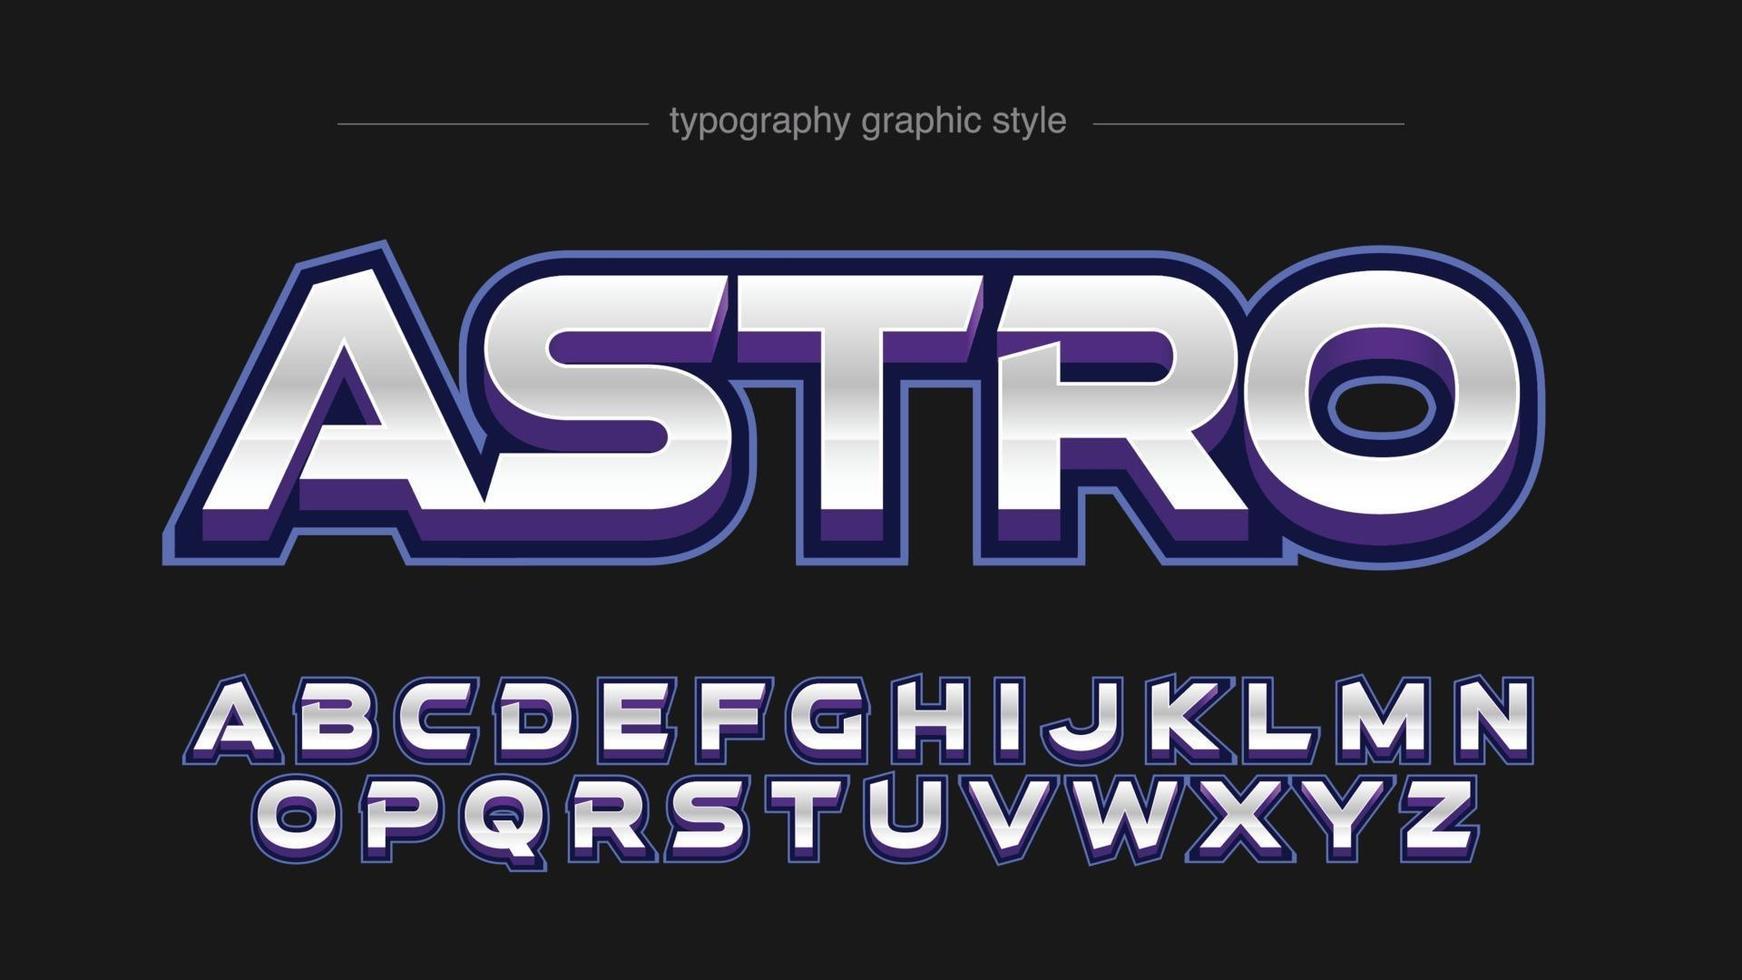 efeito de texto de tipografia de esportes futuristas em prata roxa colorida em 3D vetor